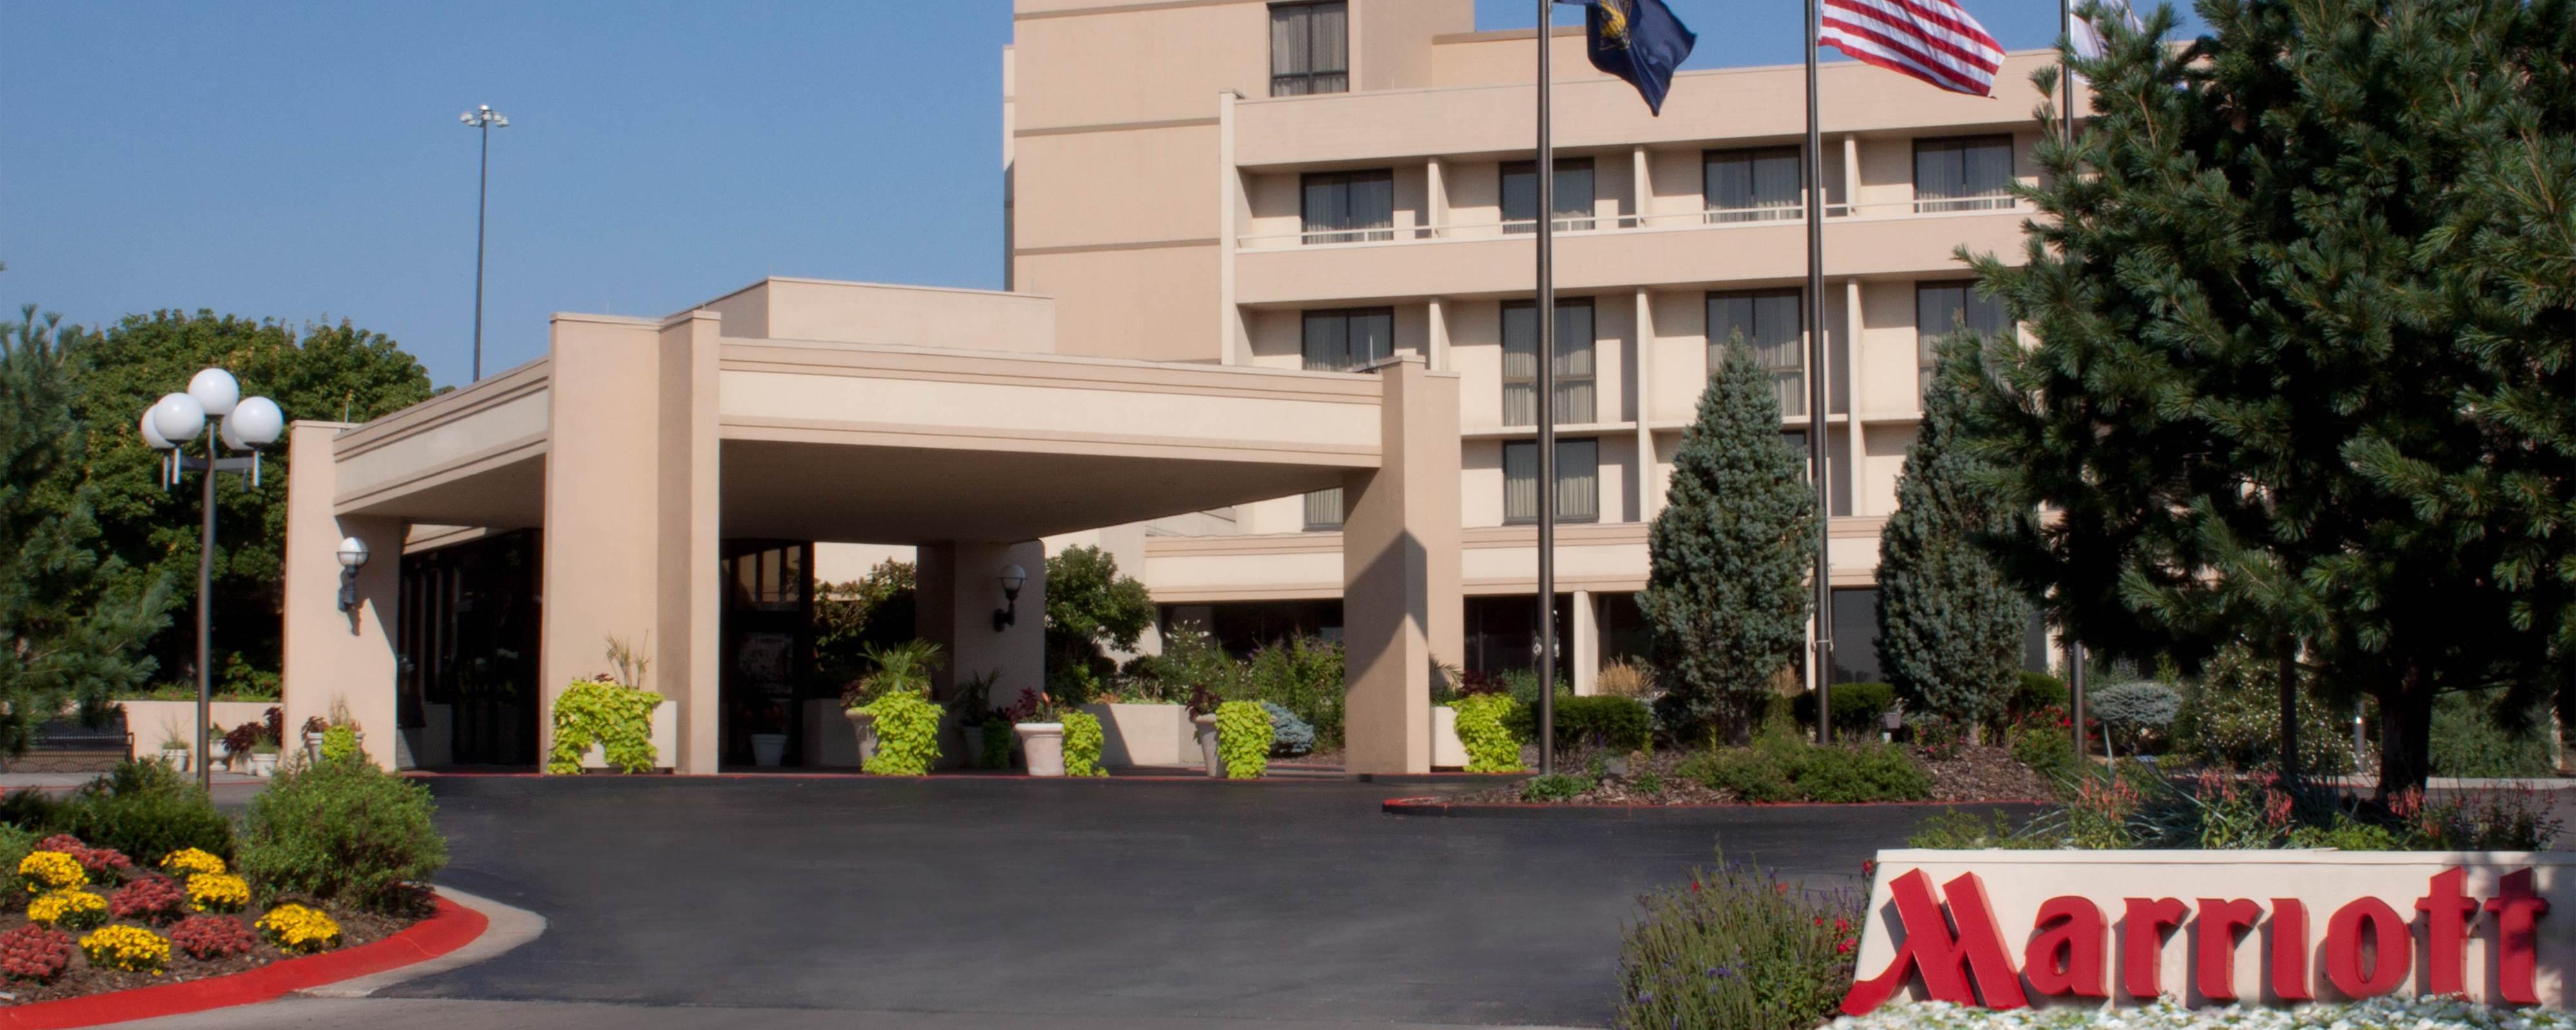 The Omaha Marriott